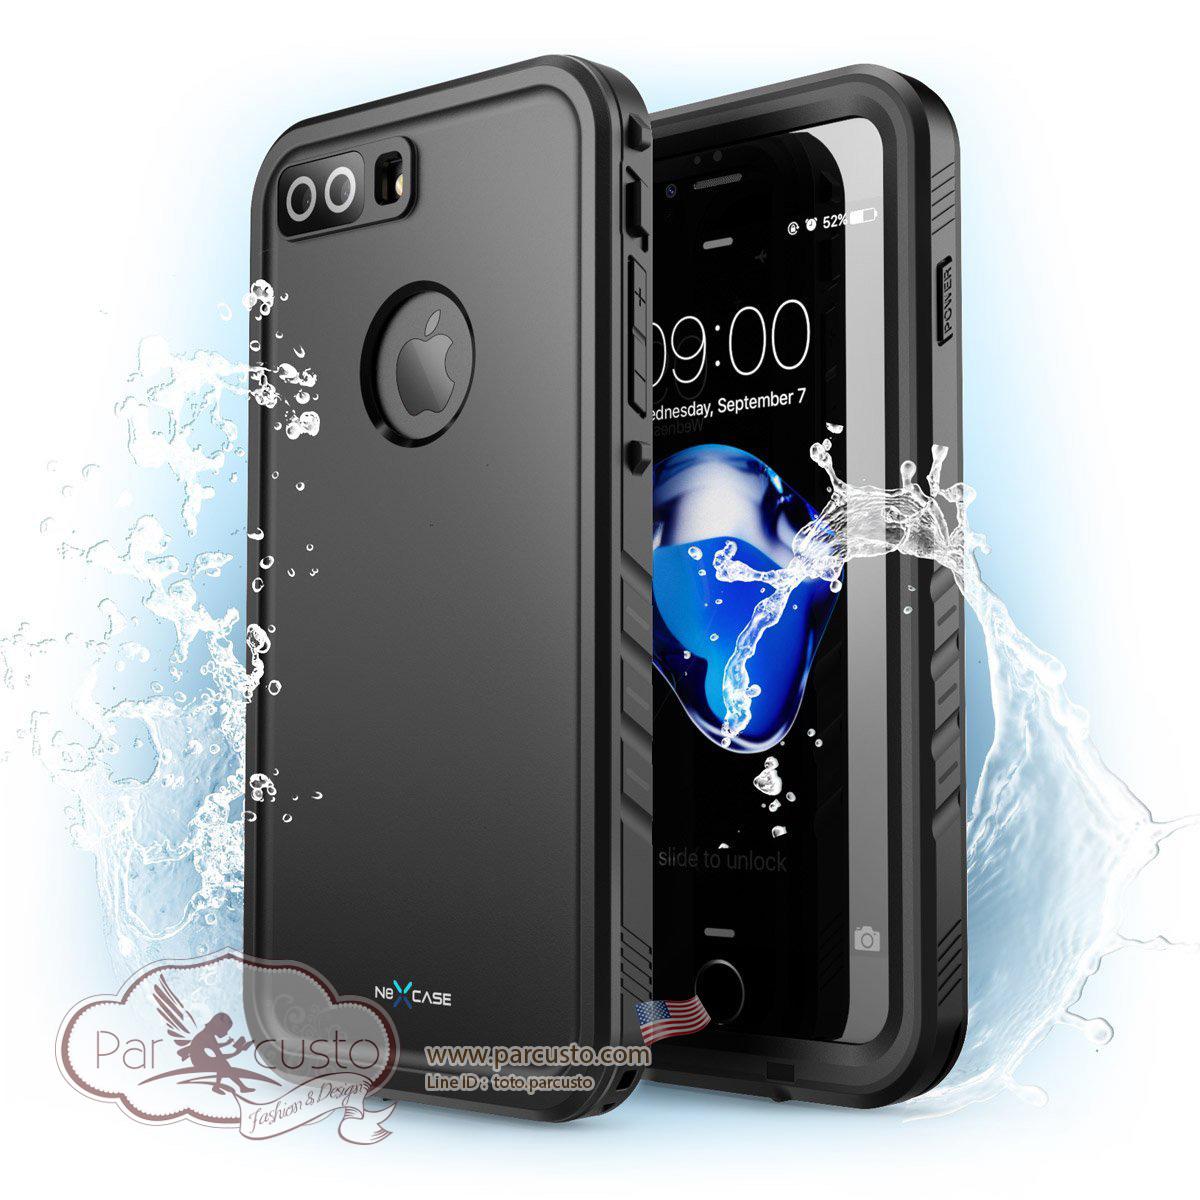 เคสกันน้ำกันกระแทก Apple iPhone 7 Plus [Waterproof ] จาก NexCase [Pre-order USA]